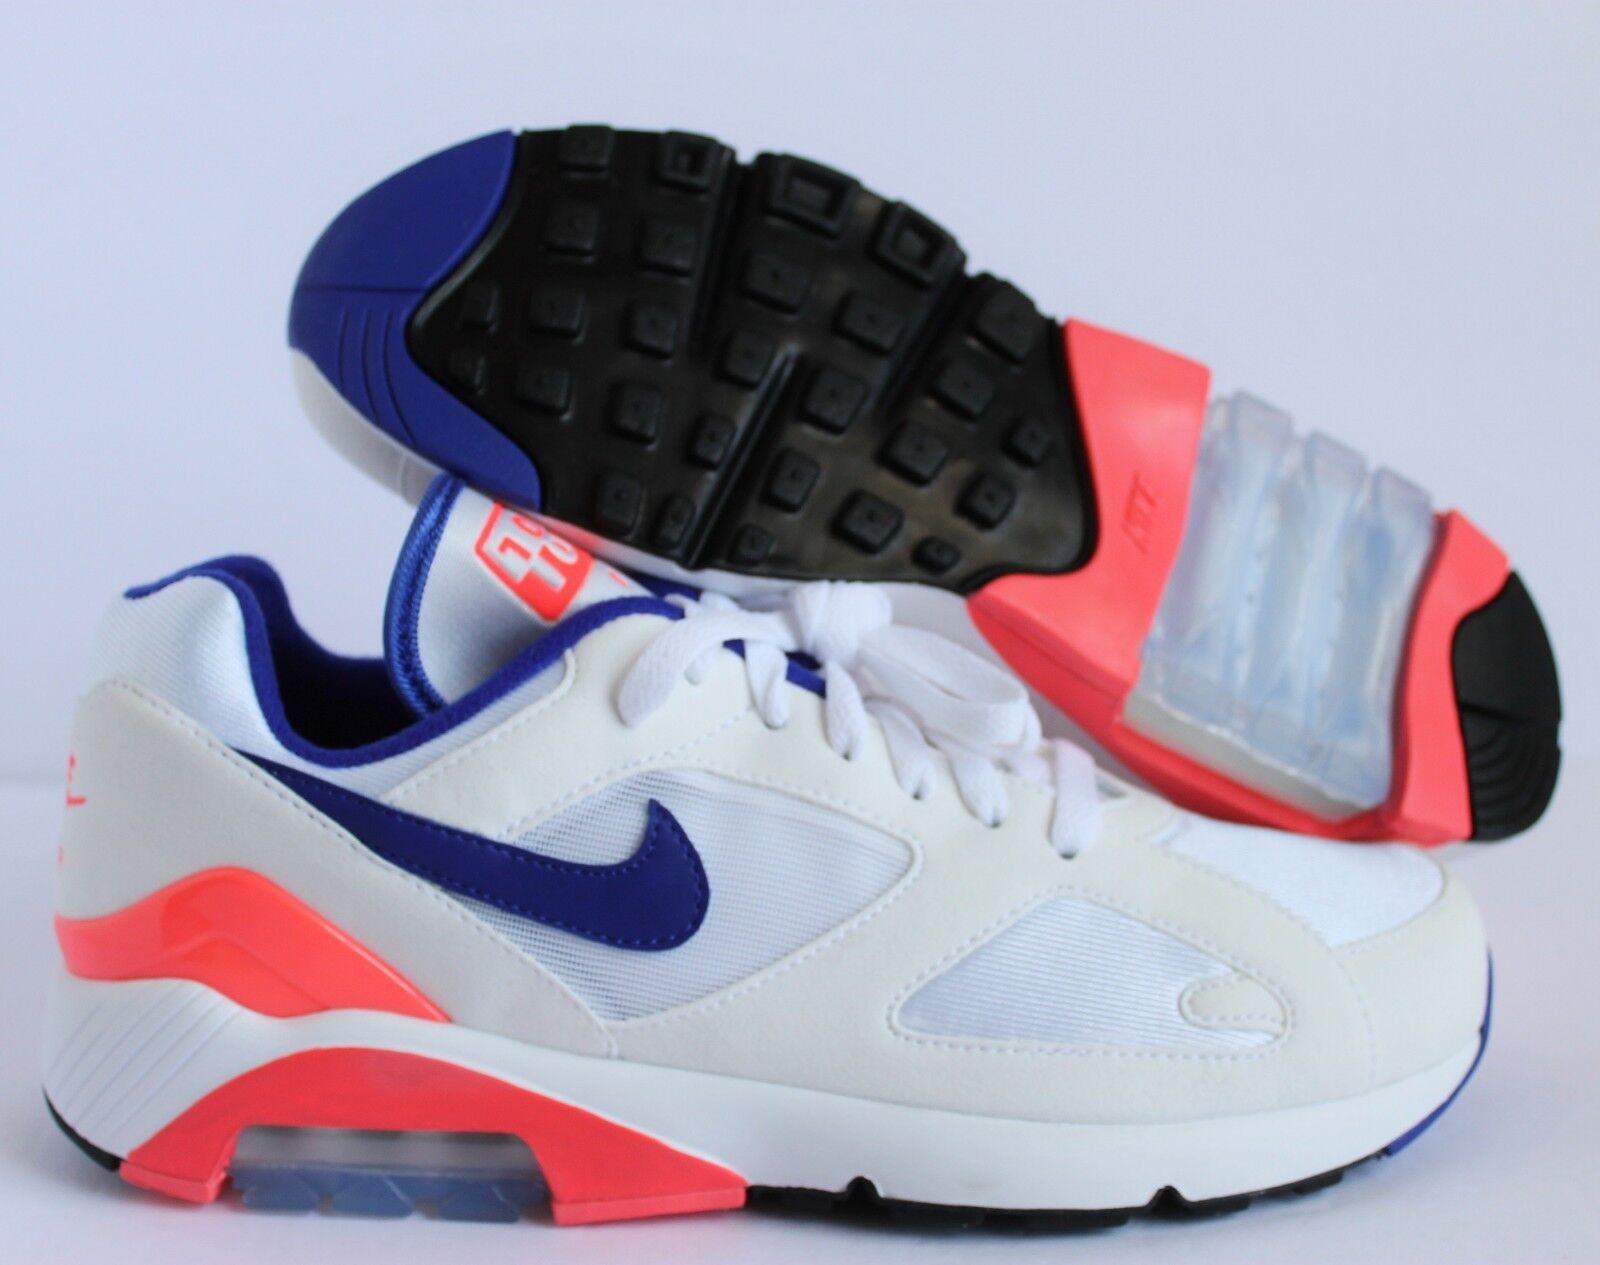 Nike air max. sz 180 og WEISS-ultramarine-solar rote sz max. 13 [615287-100] 6ea593